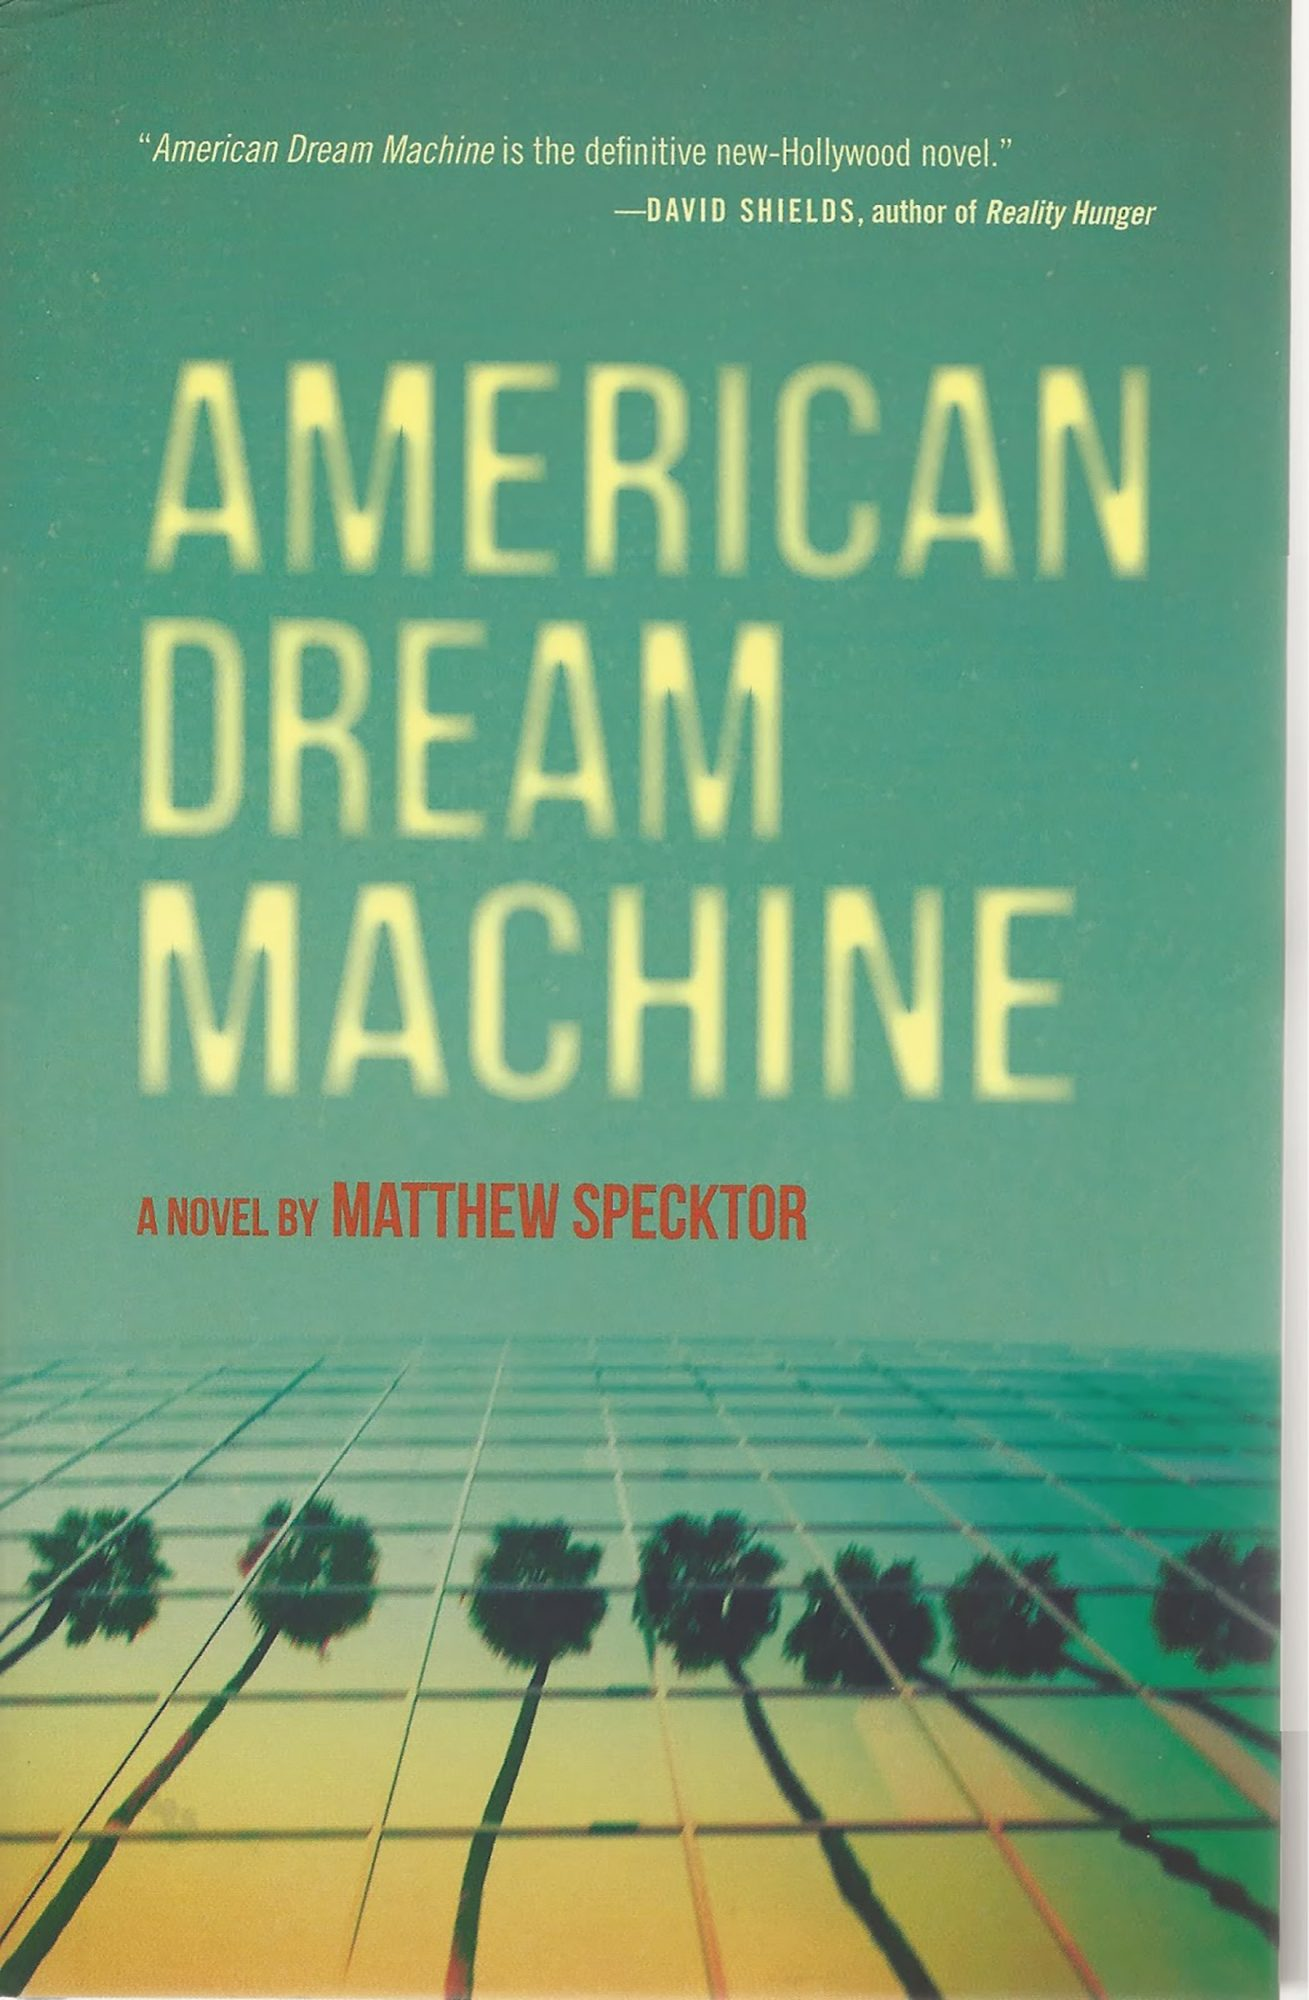 American-Dream-Machine